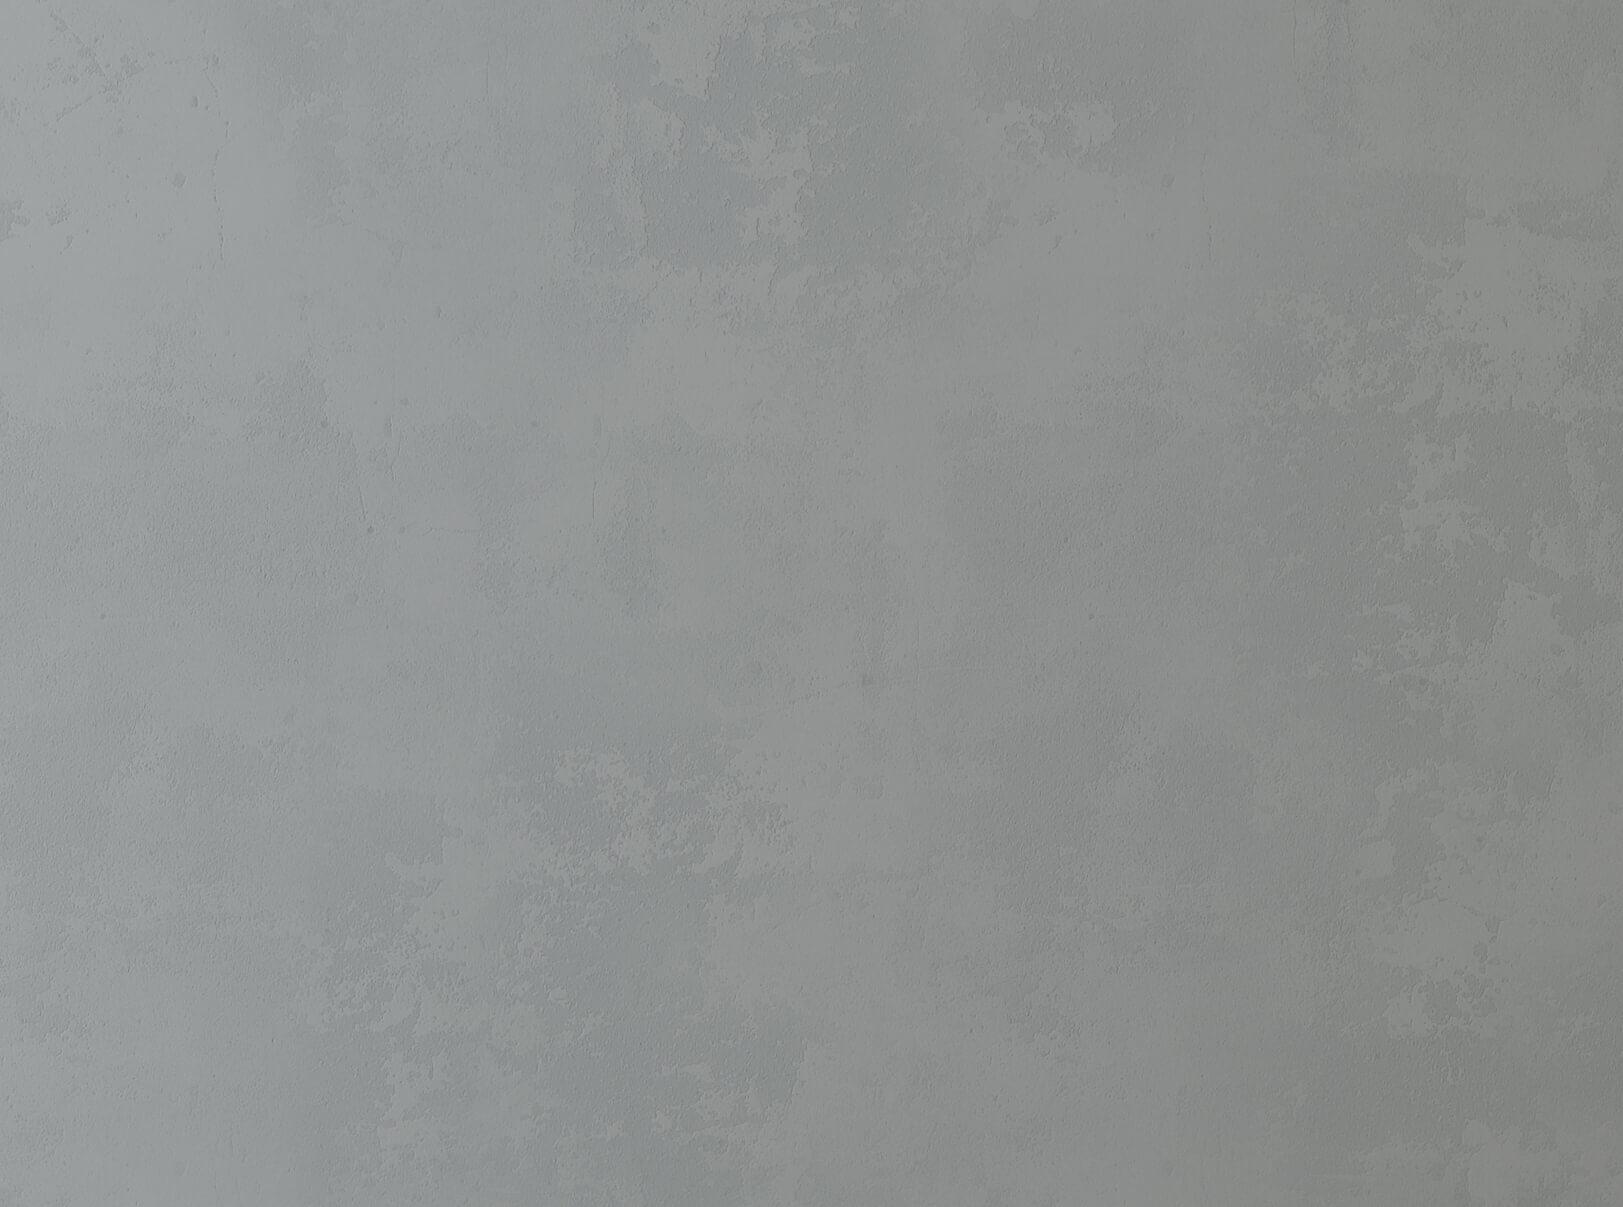 5 Best Wallpaper Steamers in 2021